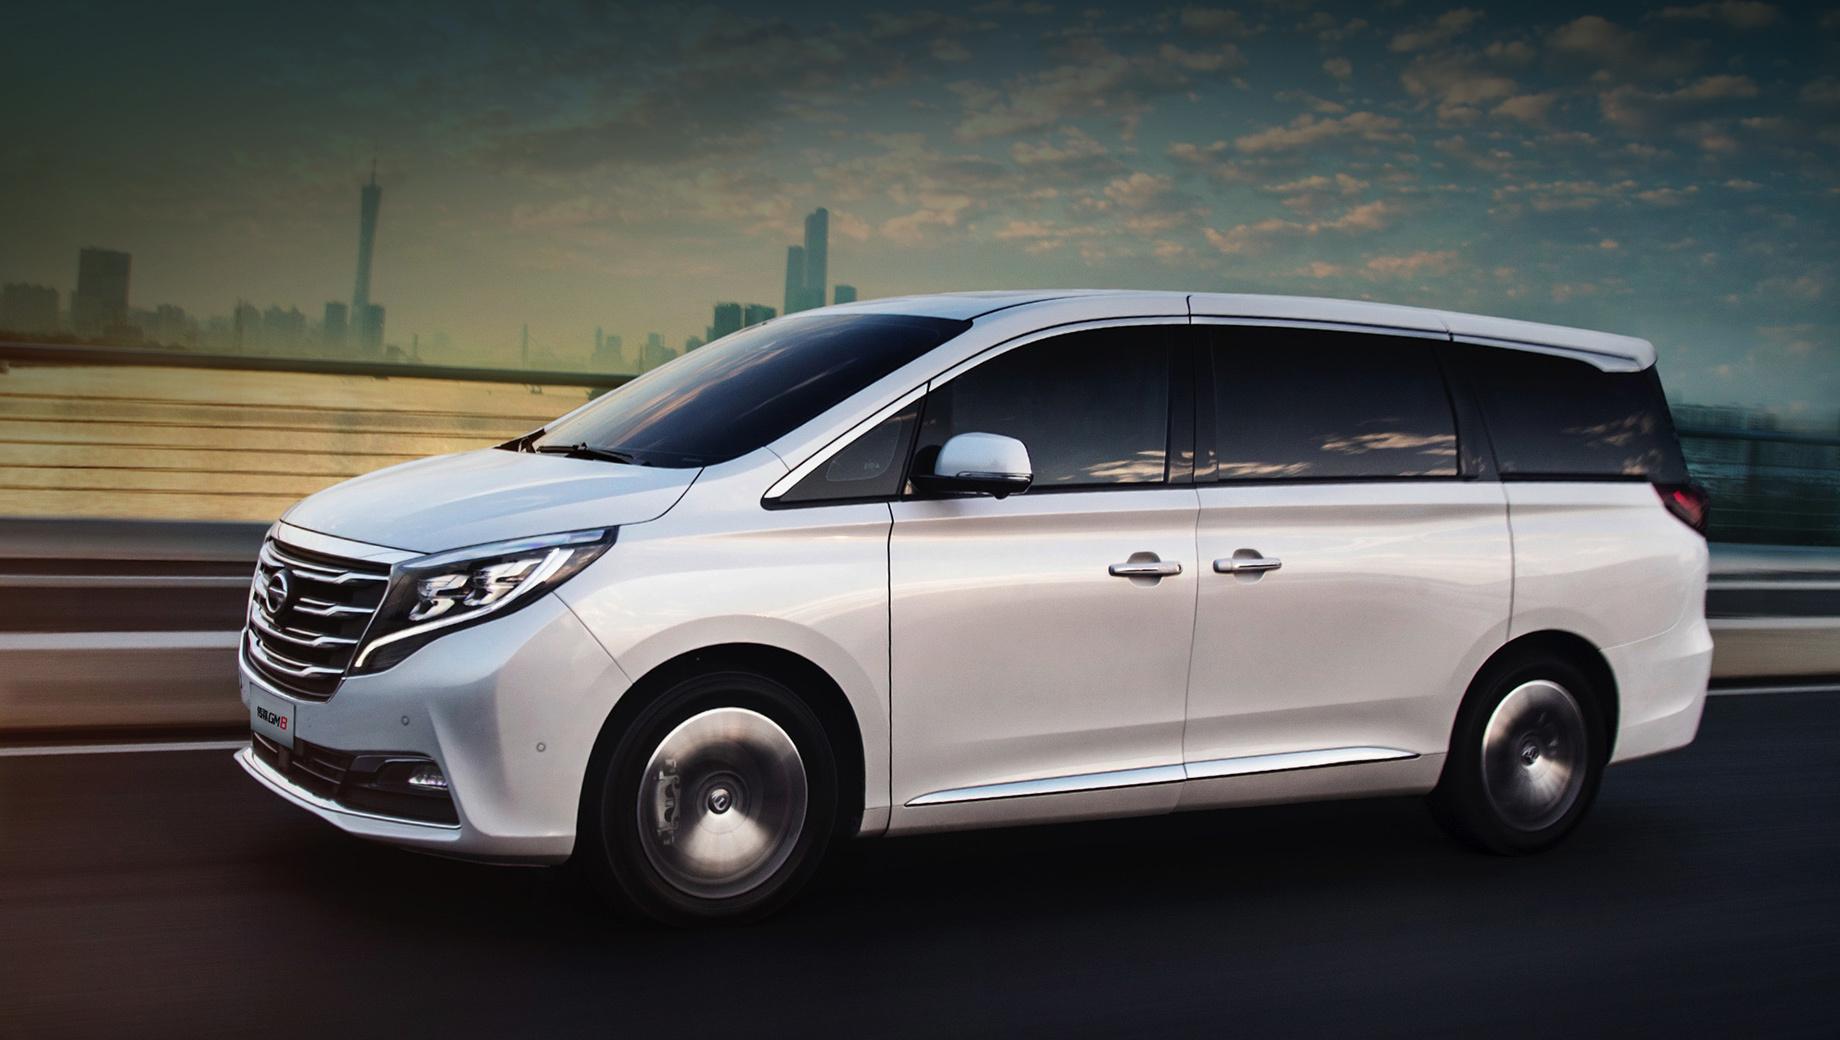 Gac trumpchi gn8,Gac gn8. Пока неизвестно, когда GAC начнёт продажи минивэна GN8 в России. Нет и цен, хотя тут всё более-менее просто. Скорее всего, за новинку будут просить примерно столько же, сколько за GAC GS8, то есть от 1,9 до 2,5 млн рублей. К слову, Hyundai H-1 (дизель, 170 л.с.) стоит от 2,1 до 2,4 млн.